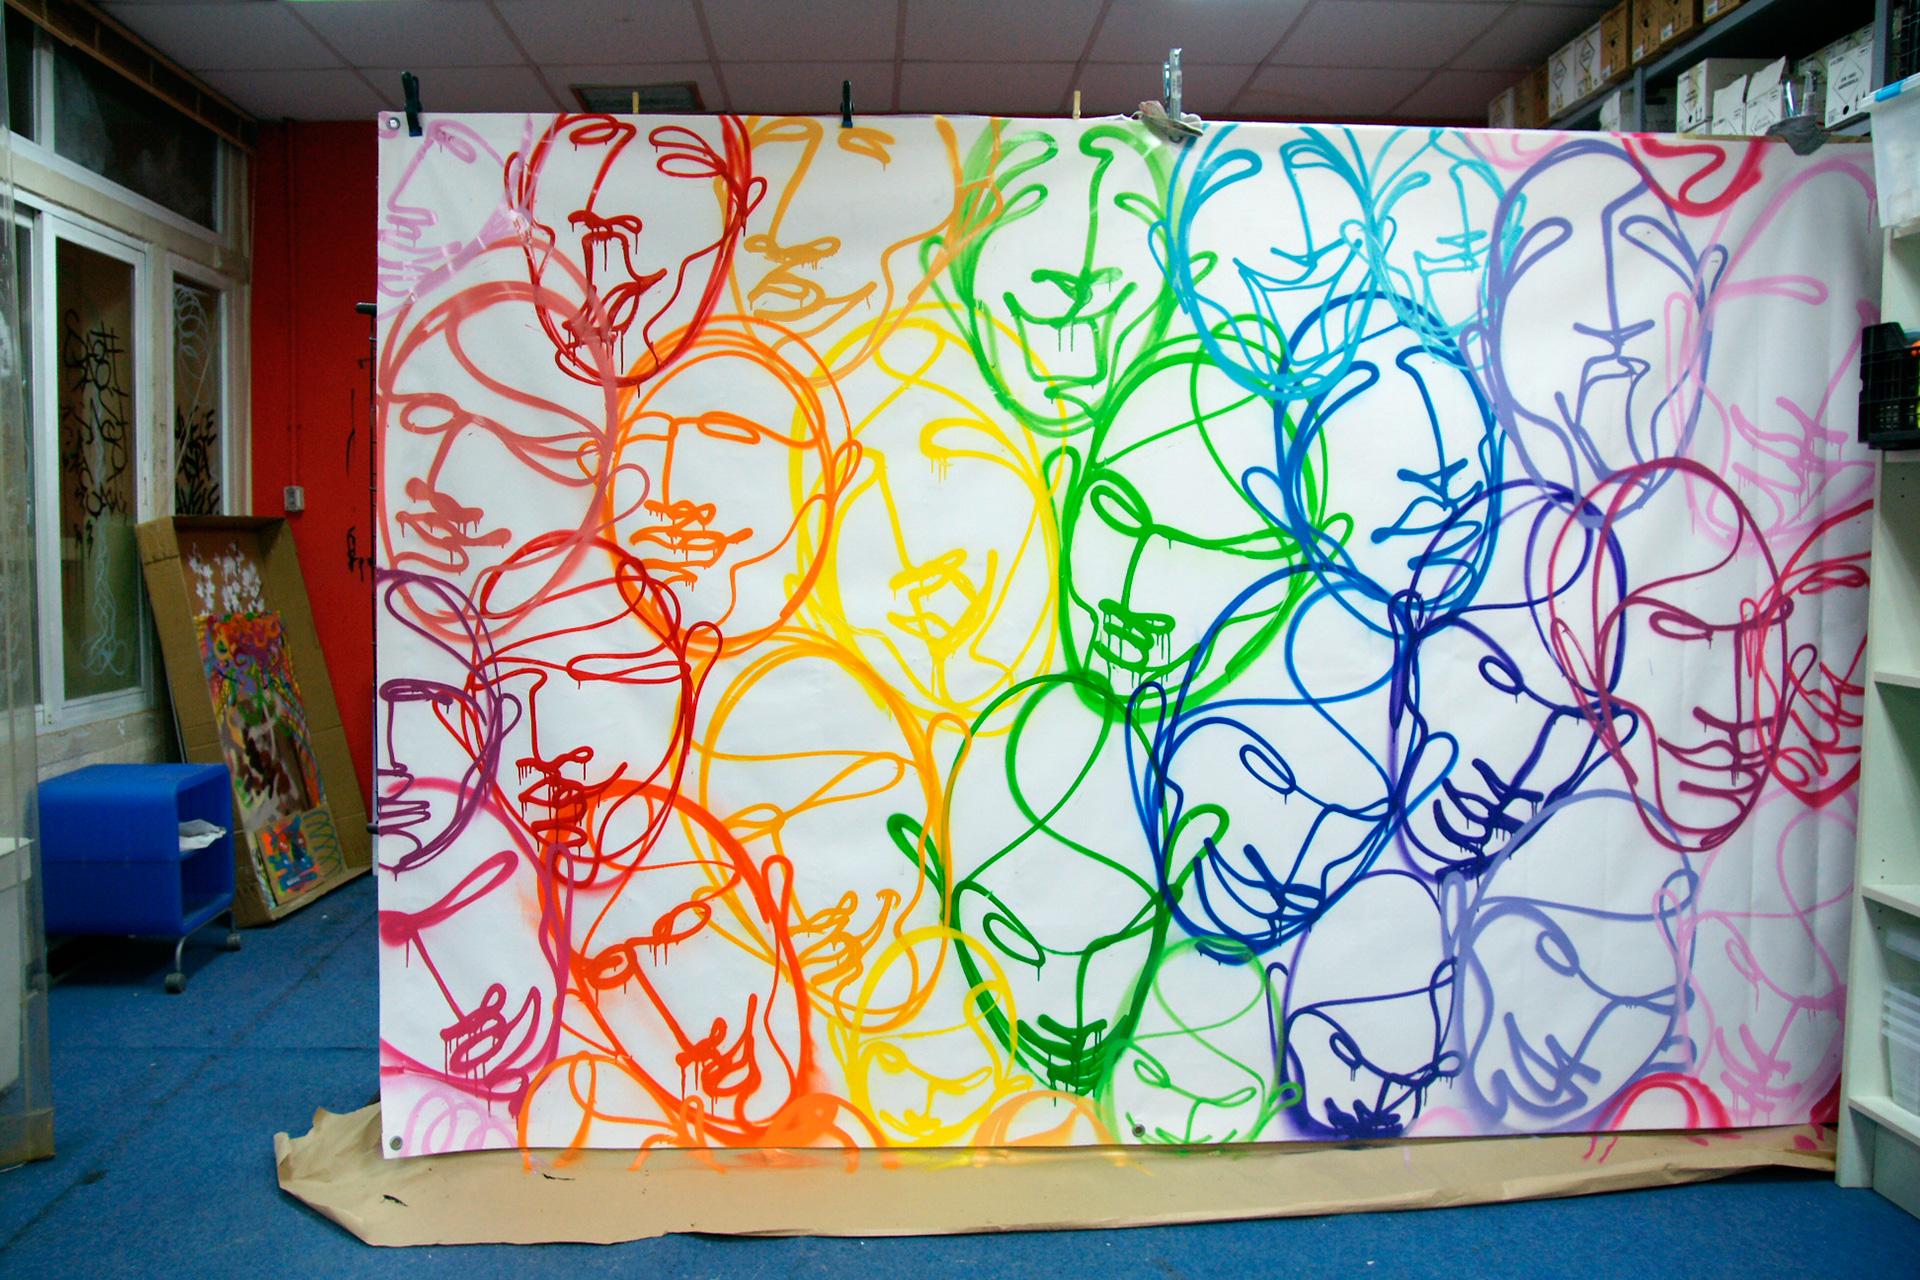 SUSO33 Máscaras Spray on canvas